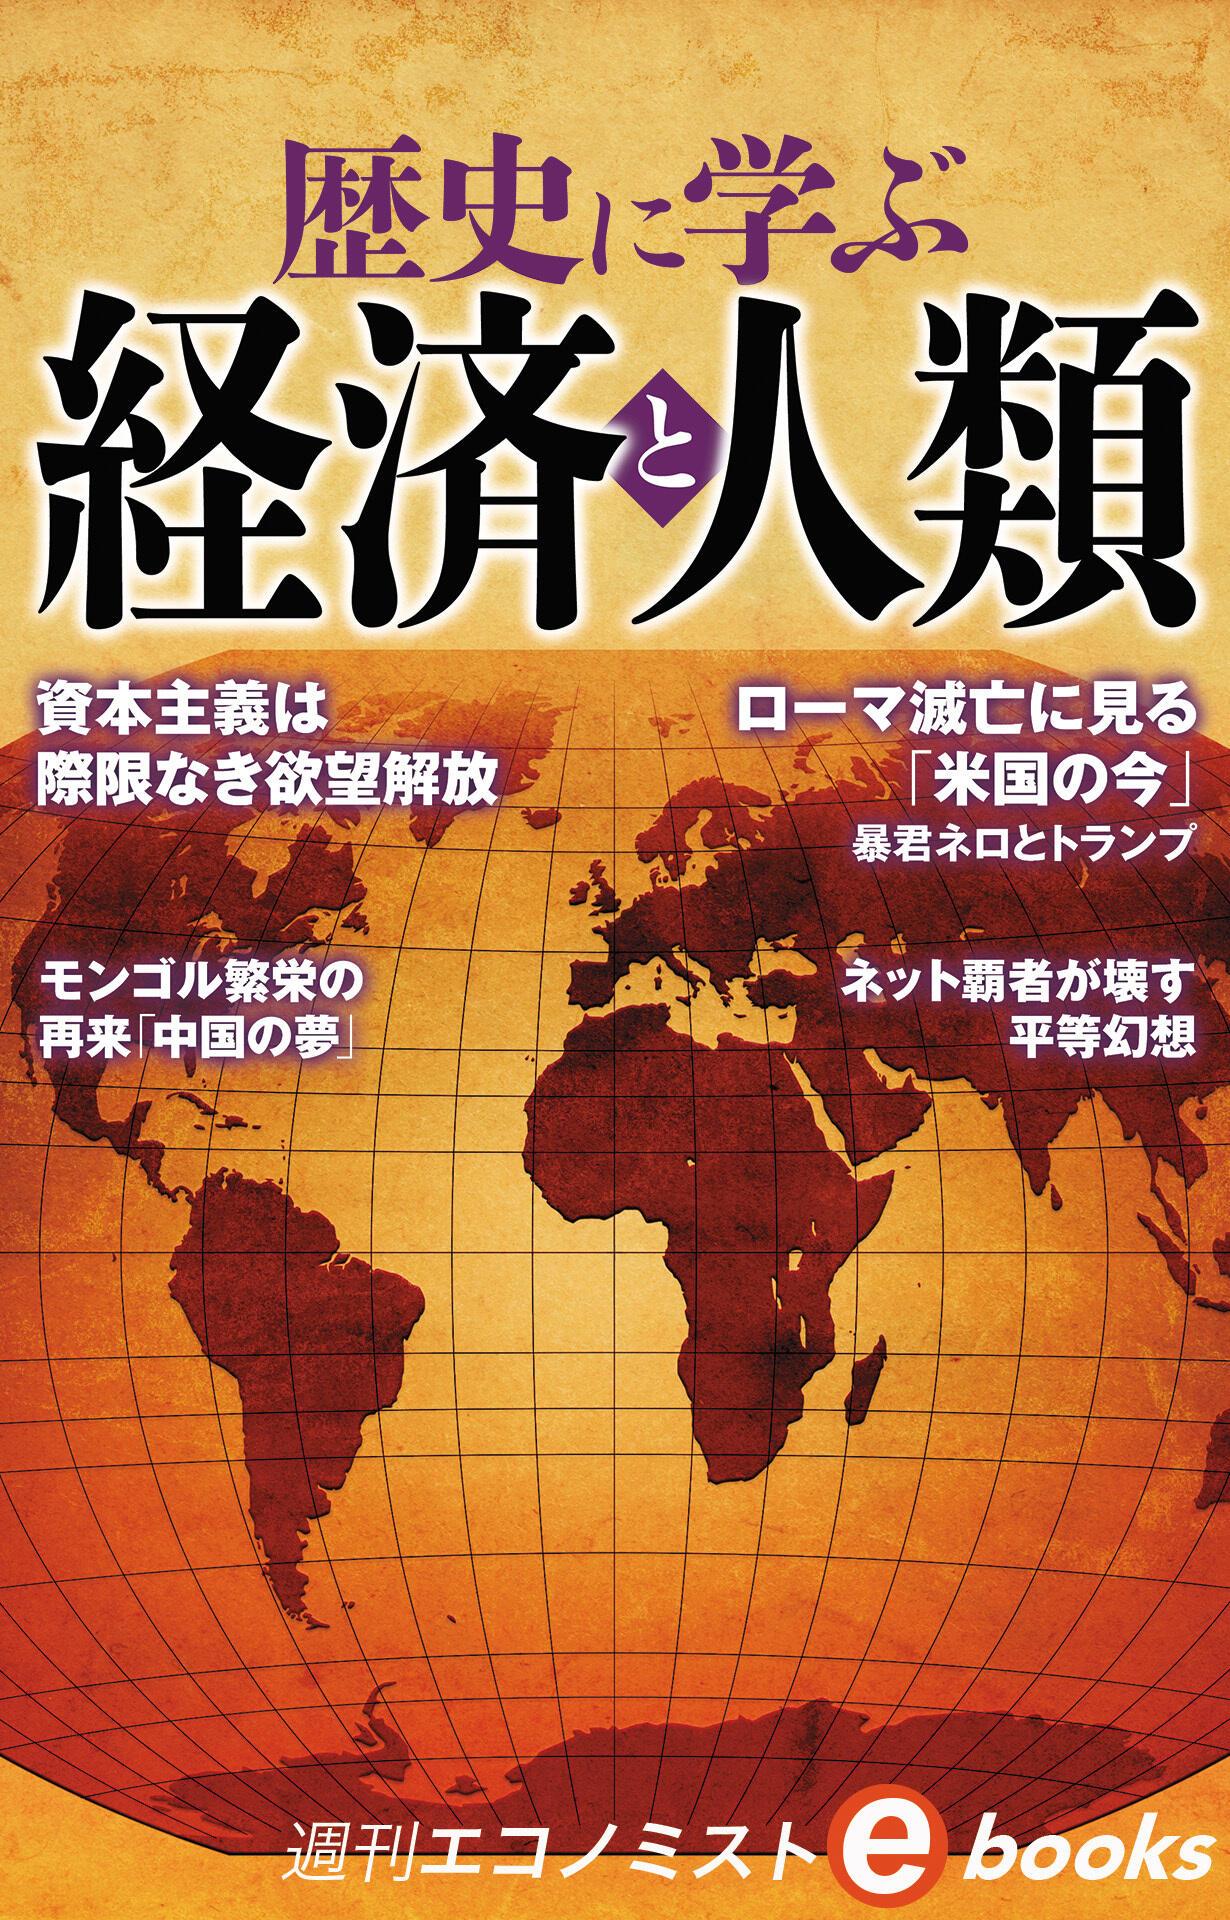 書影:歴史に学ぶ経済と人類